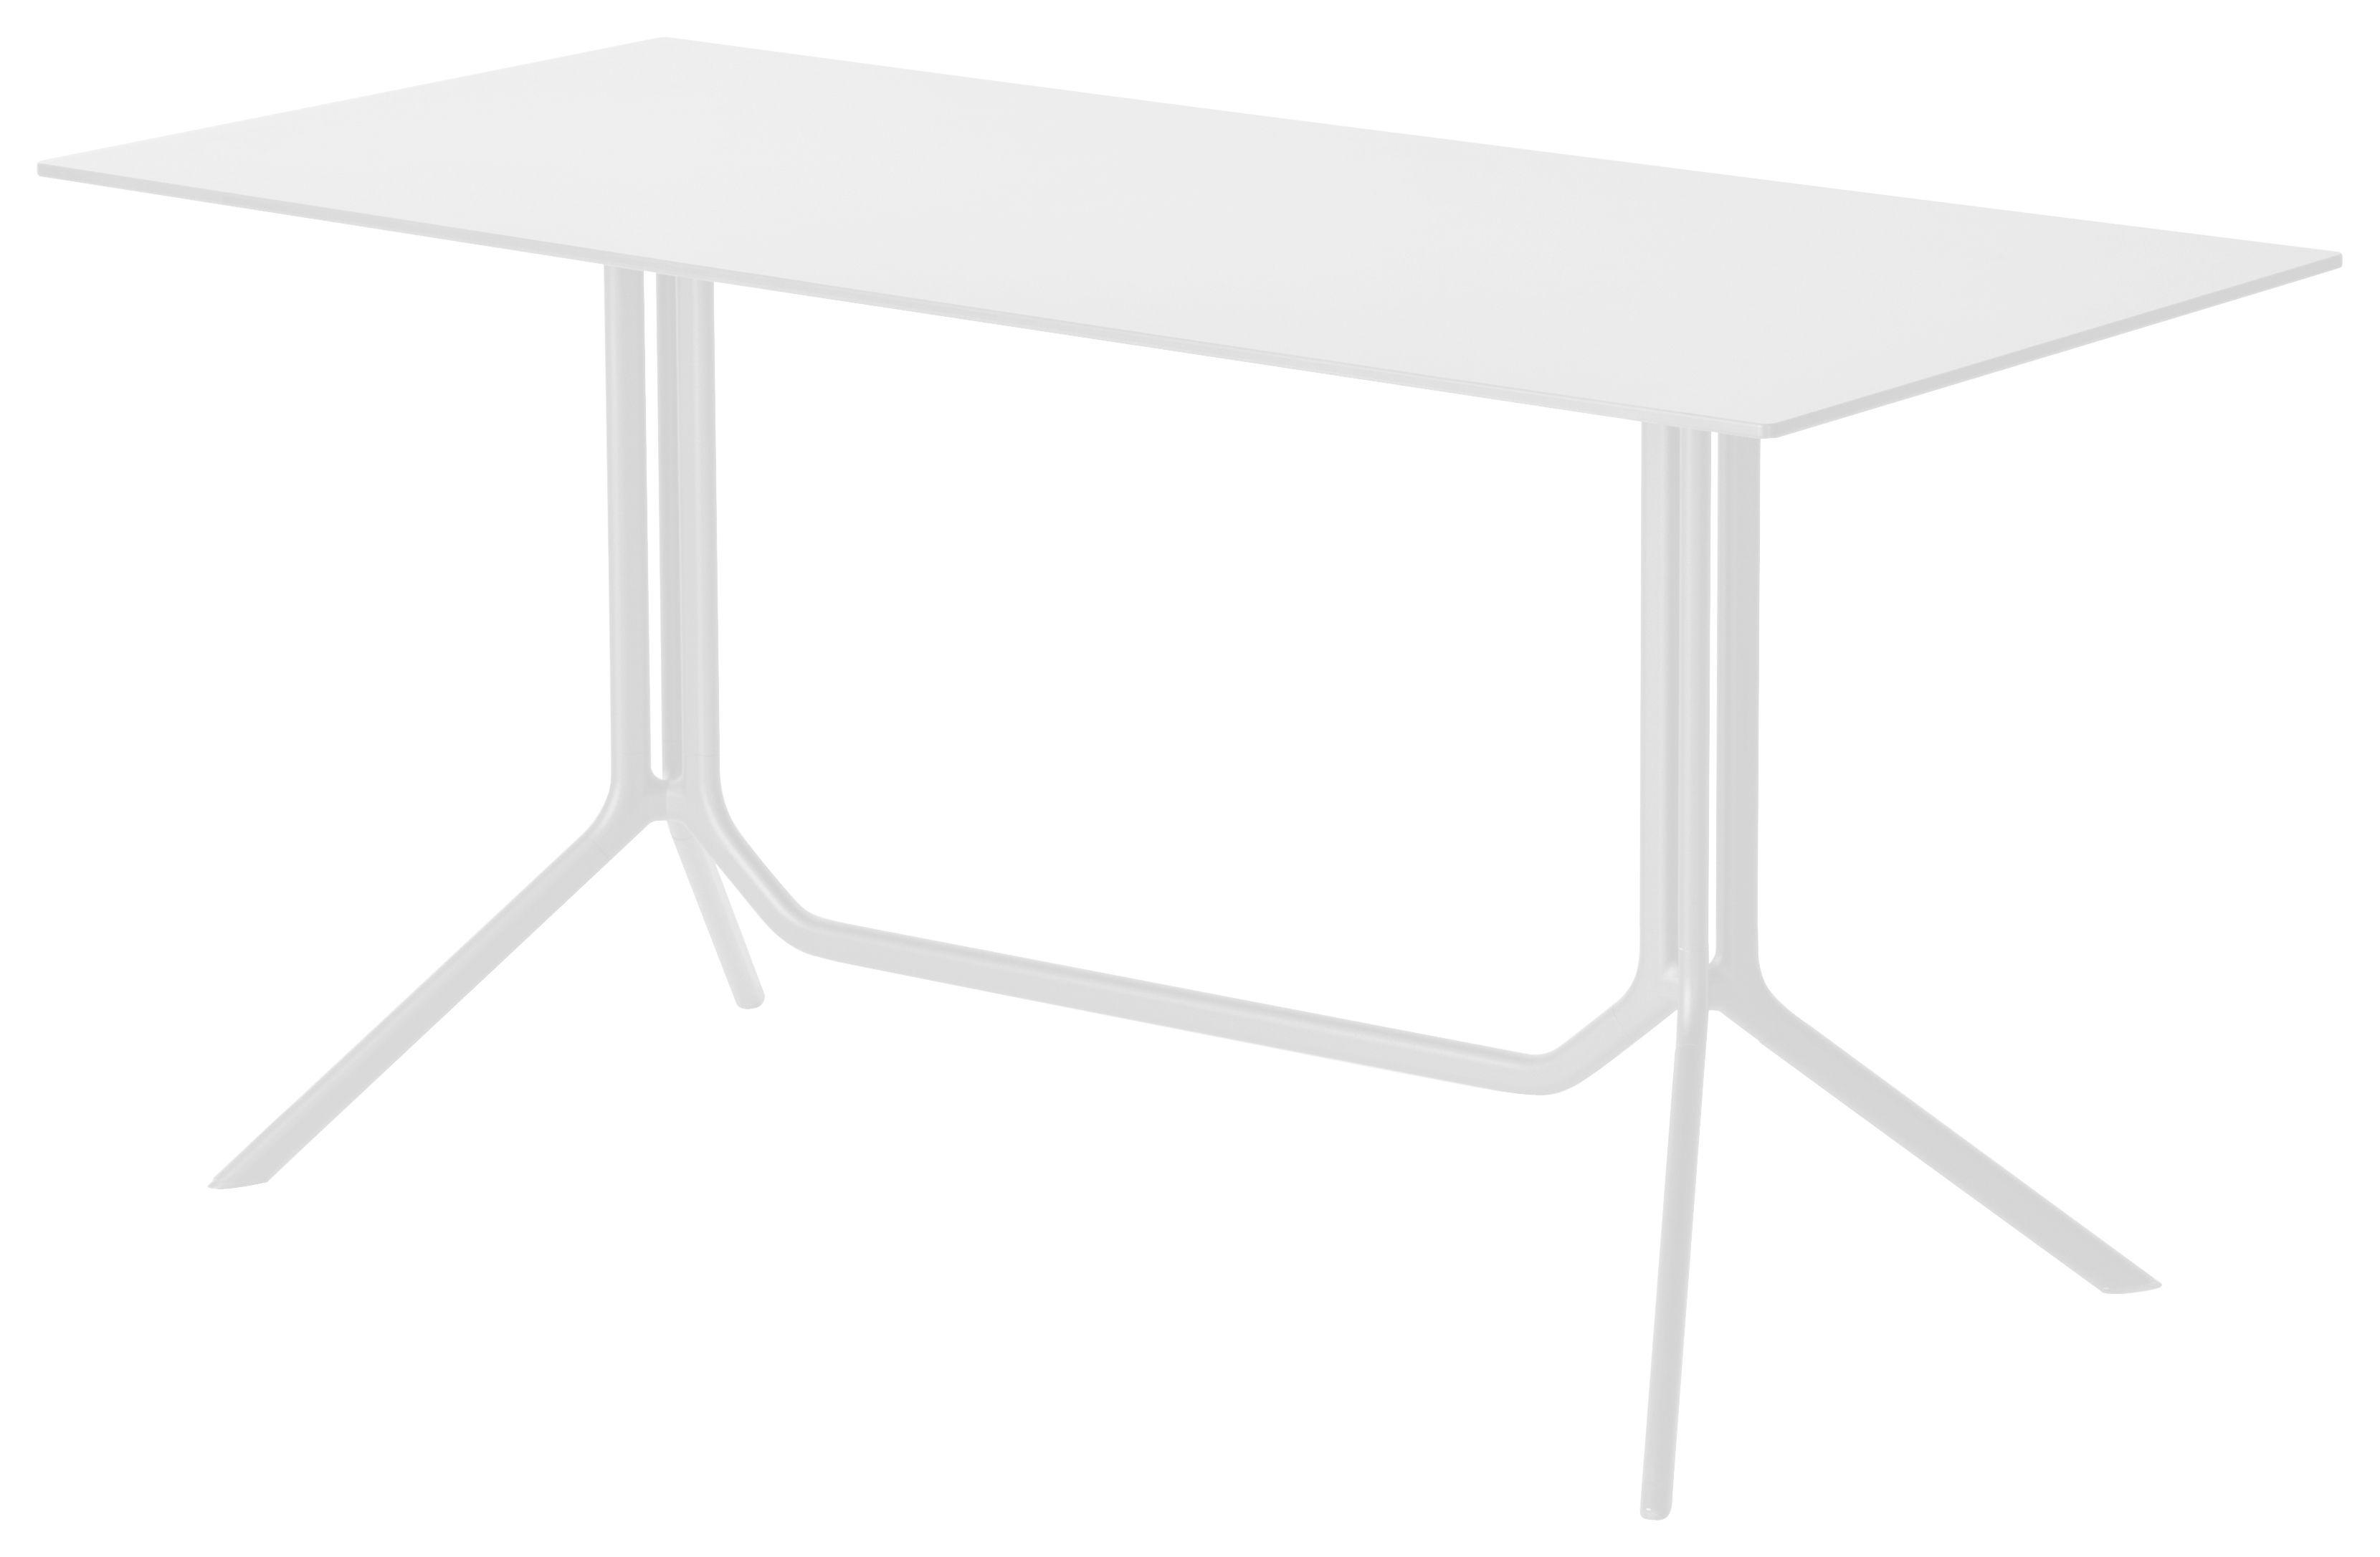 Jardin - Tables de jardin - Table pliante Poule double / 120 x 60 cm - Kristalia -